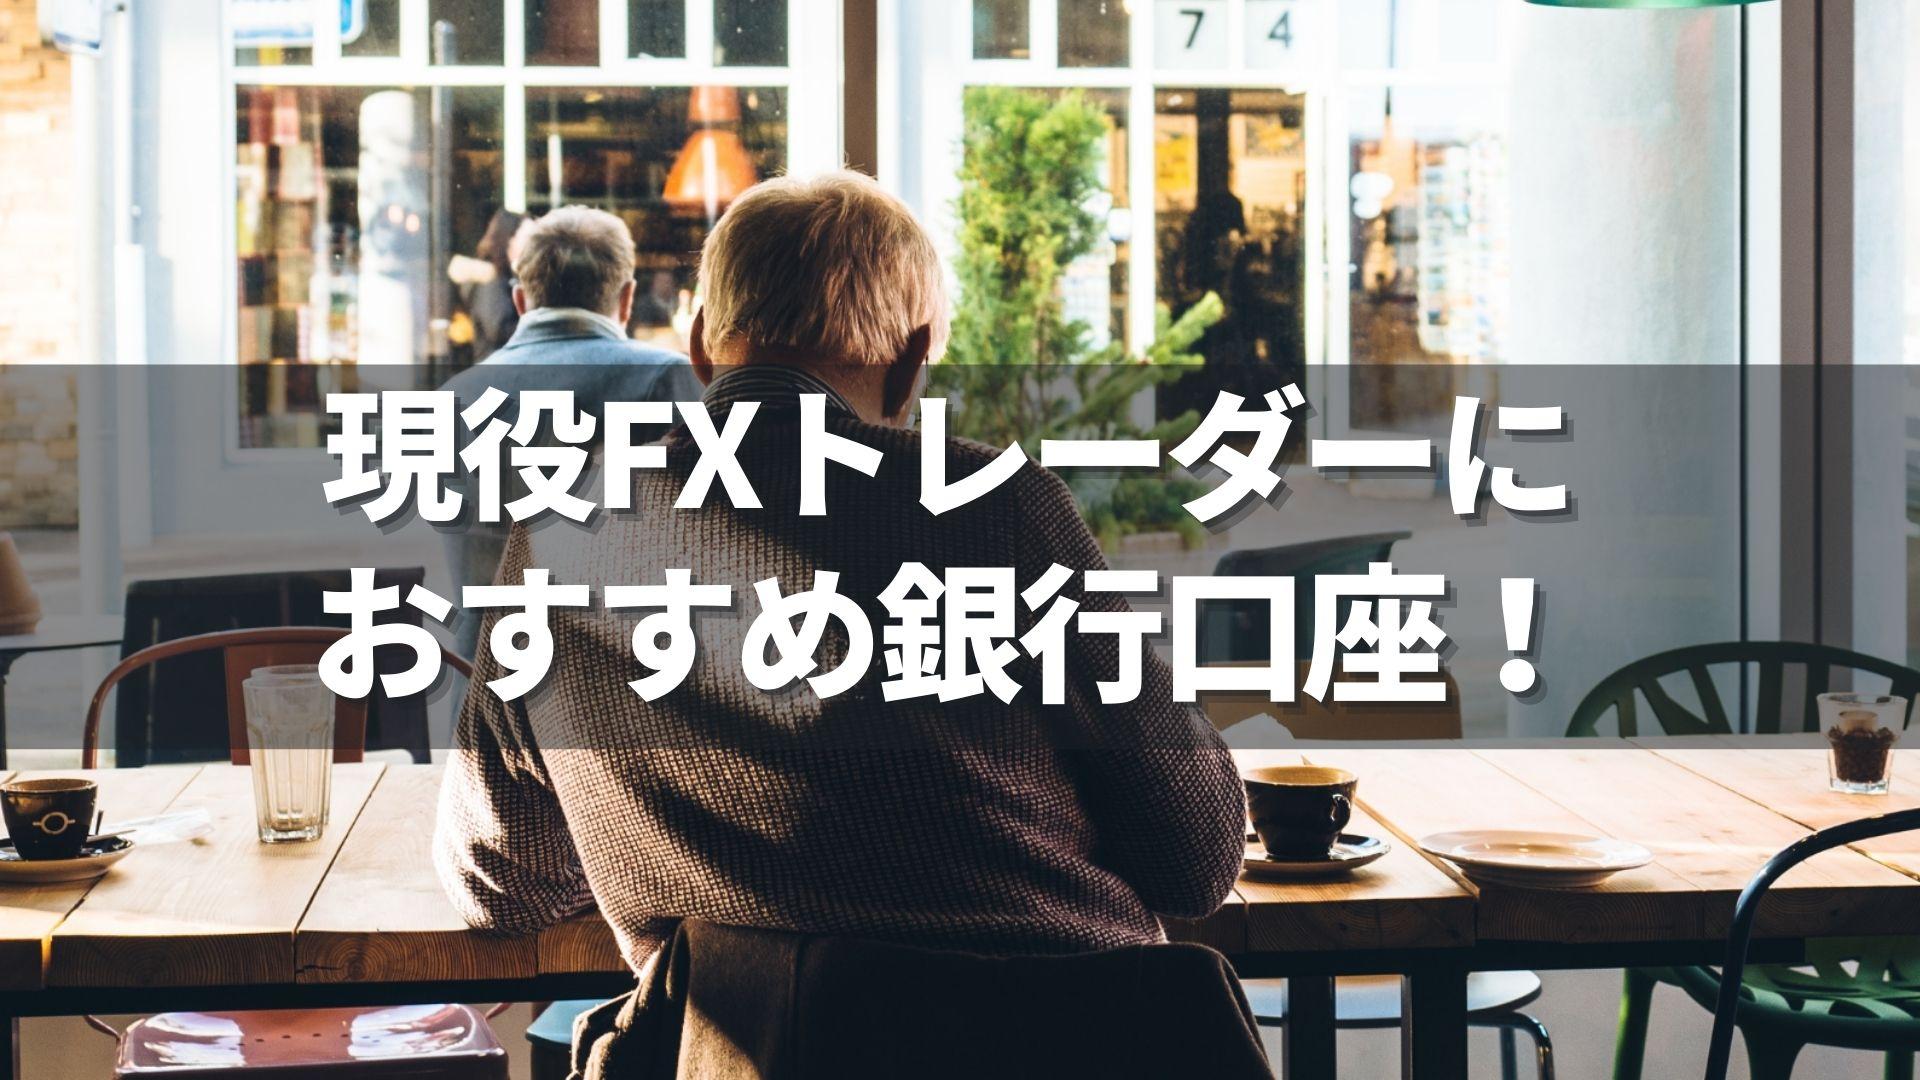 【最新版】現役FXトレーダーにおすすめの銀行口座!【節約】